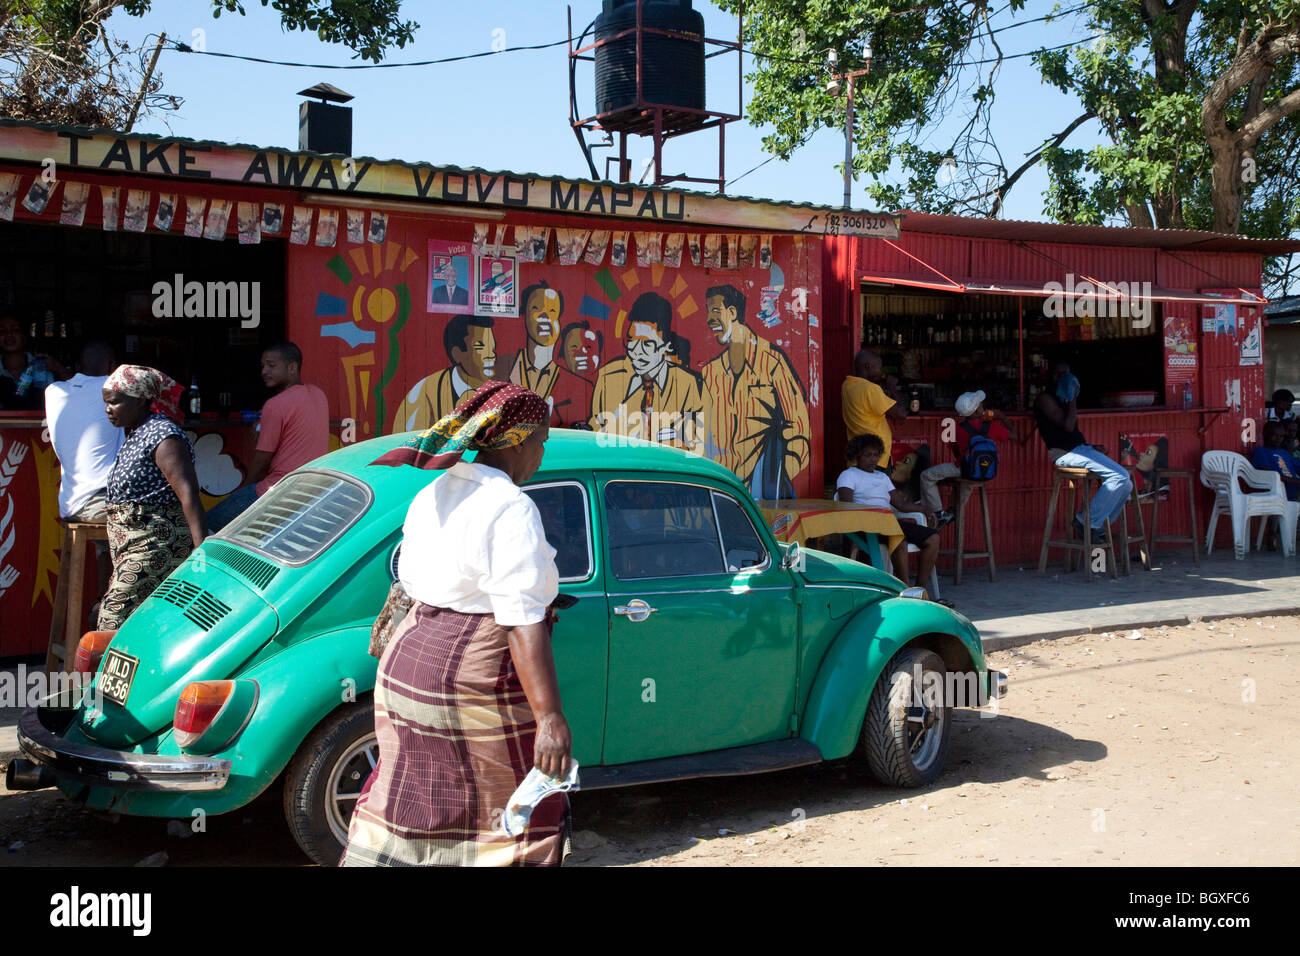 Calle en Catembe, Maputo, Mozambique Imagen De Stock